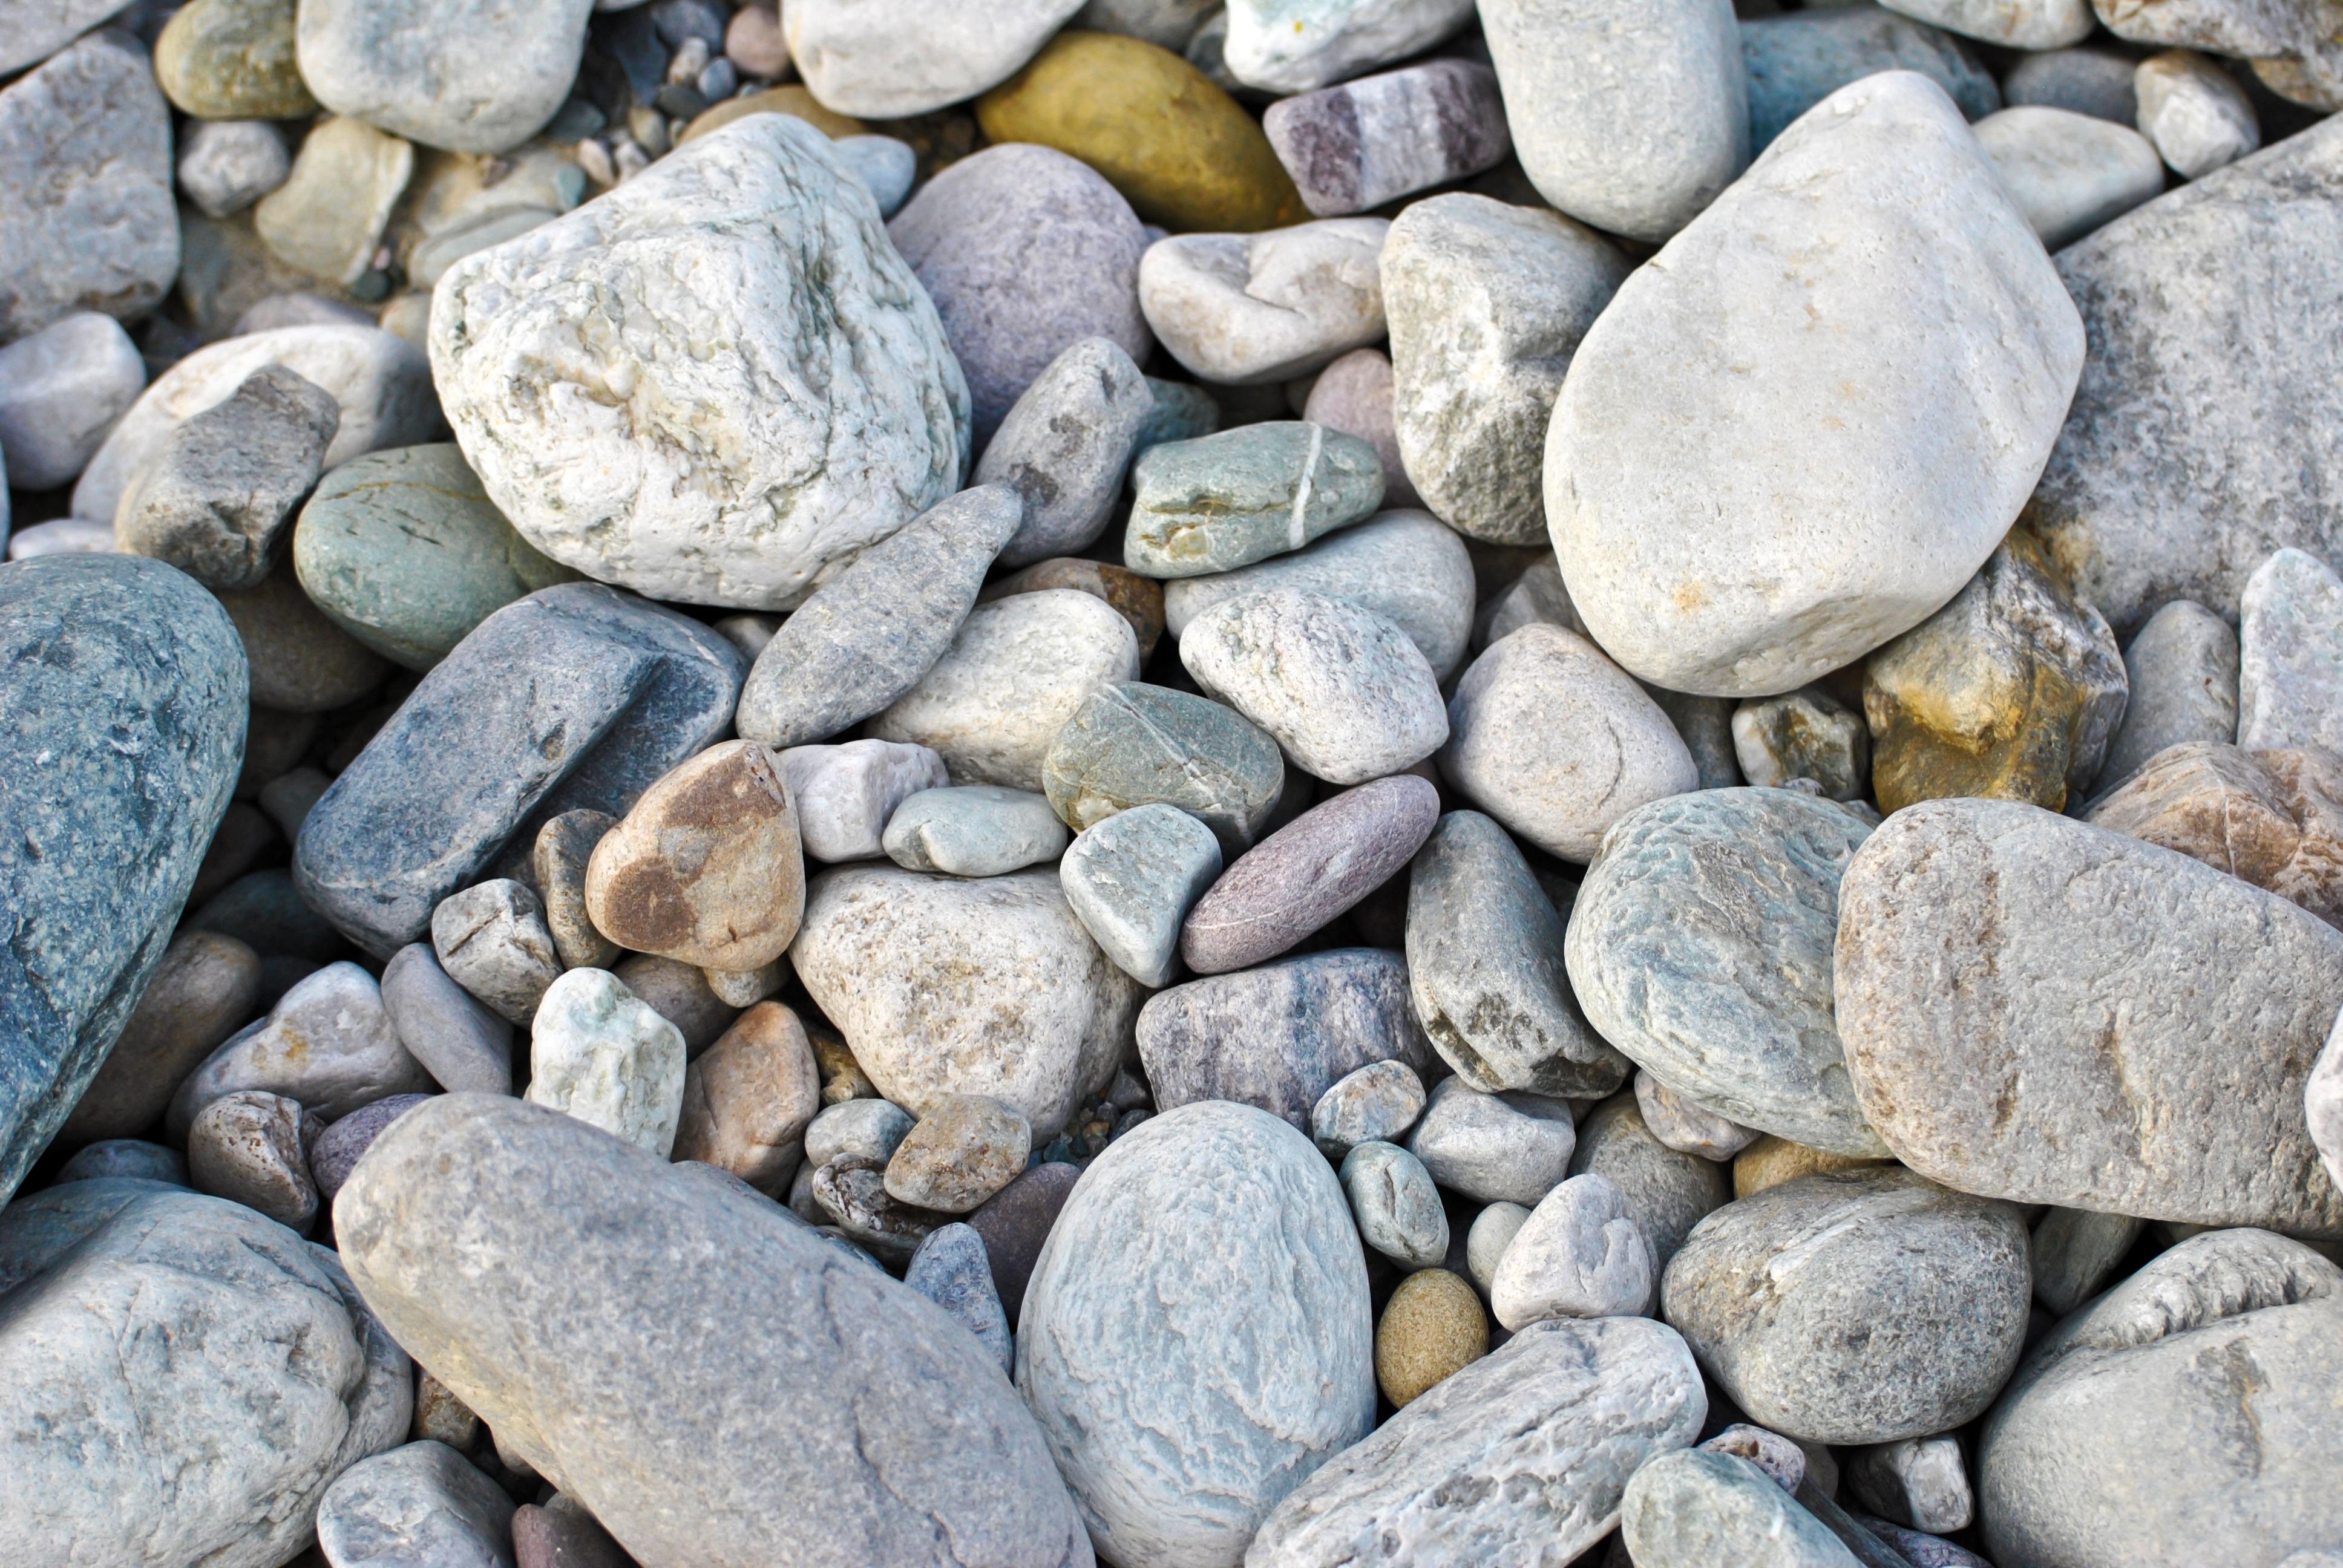 мужские камни в картинках мужчины его